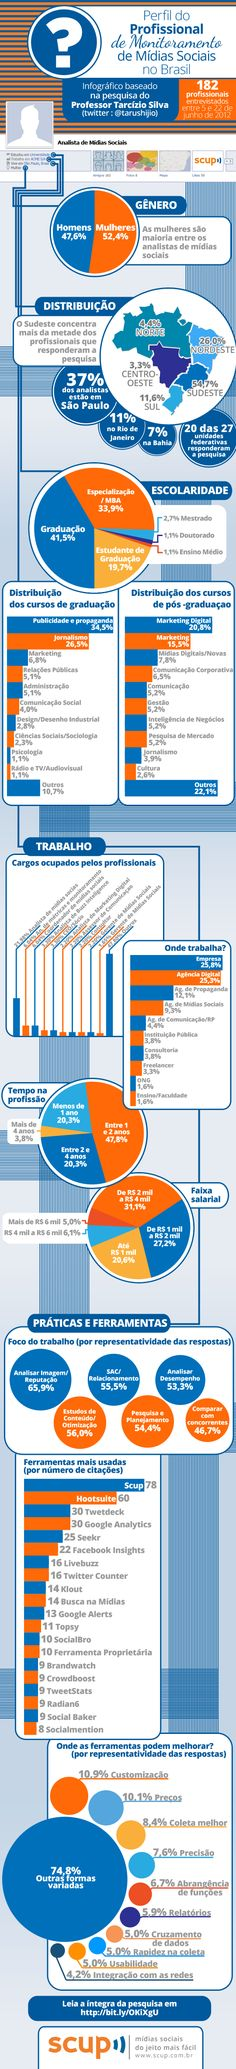 Perfil do Profissional de Monitoramento de Mídias Sociais no Brasil [infografico]